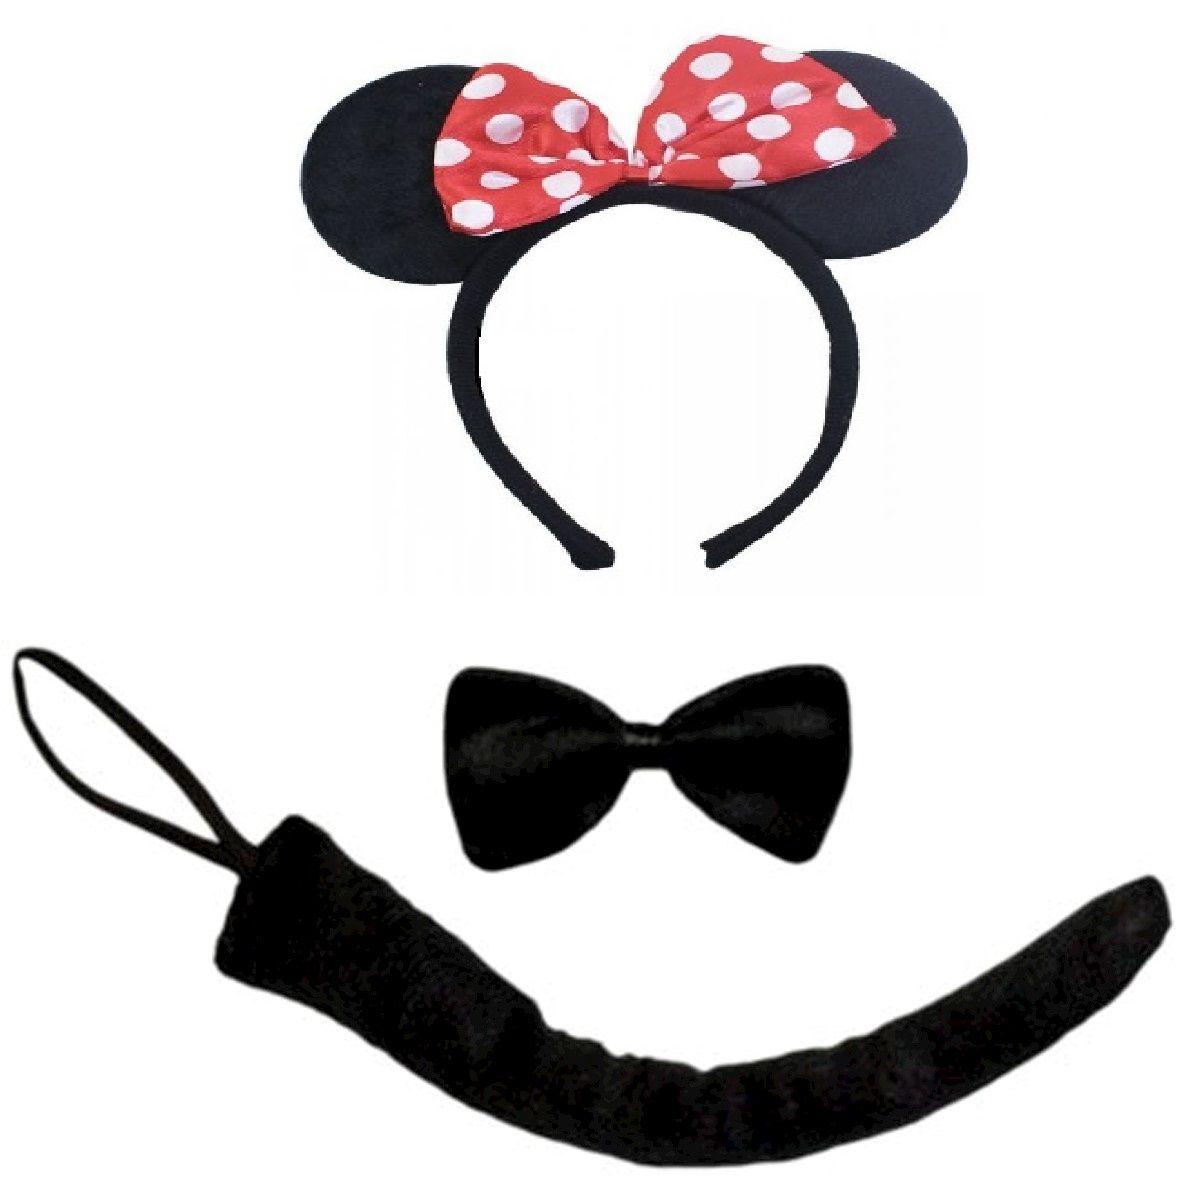 Kit Fantasia Minnie Mouse: Disney (Acessórios Fantasia)